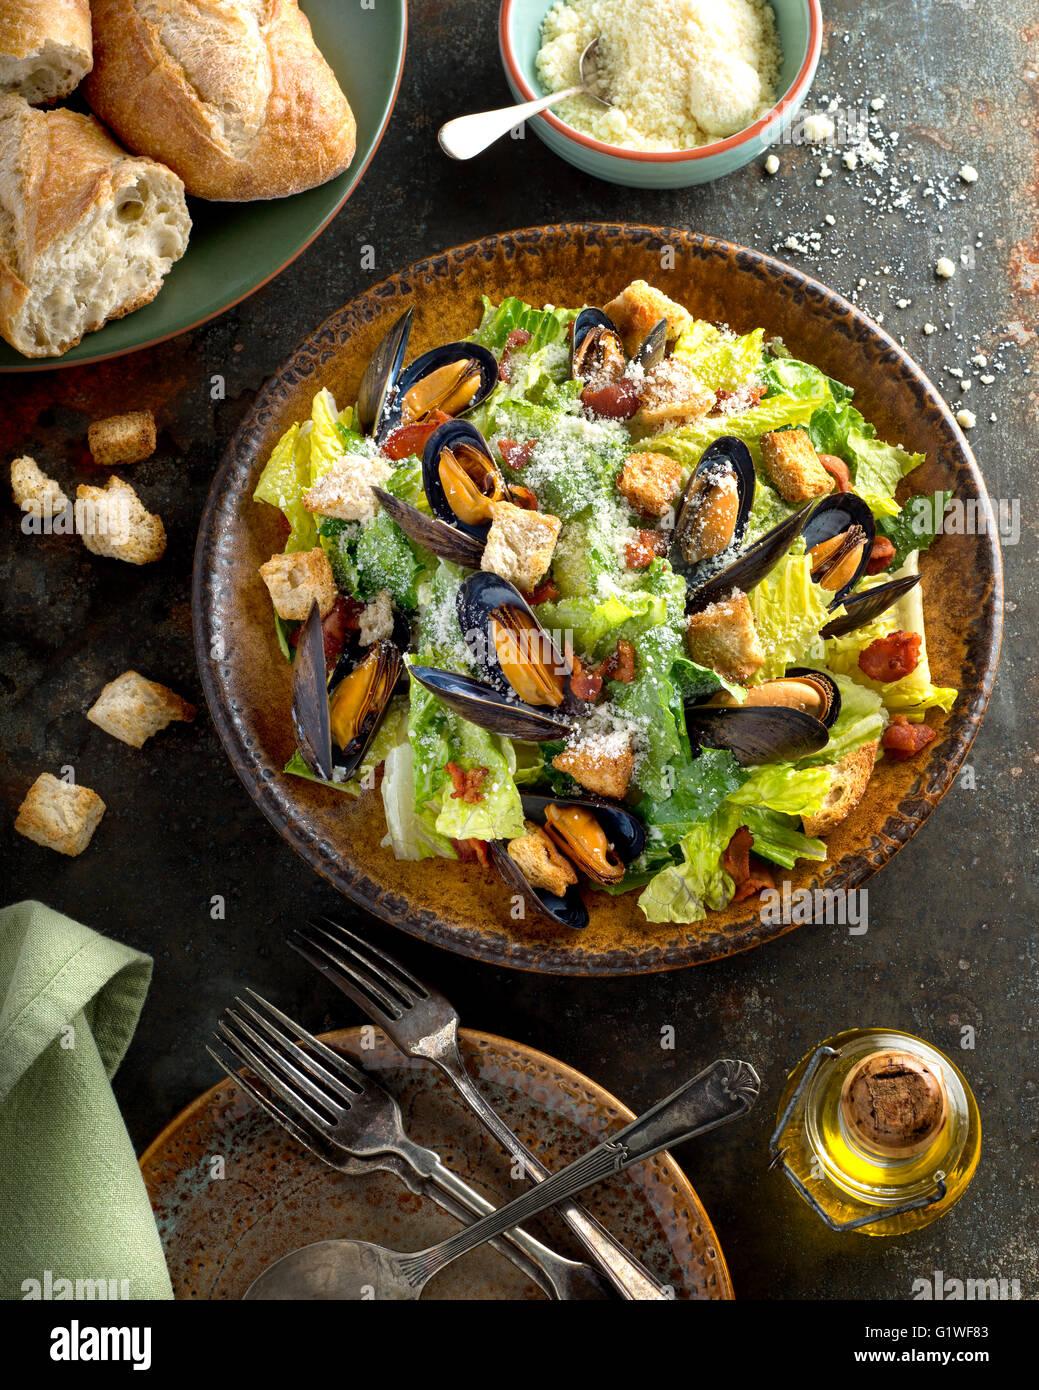 Une délicieuse salade césar avec les moules, laitue romaine, bacon, croûtons et fromage parmesan. Photo Stock